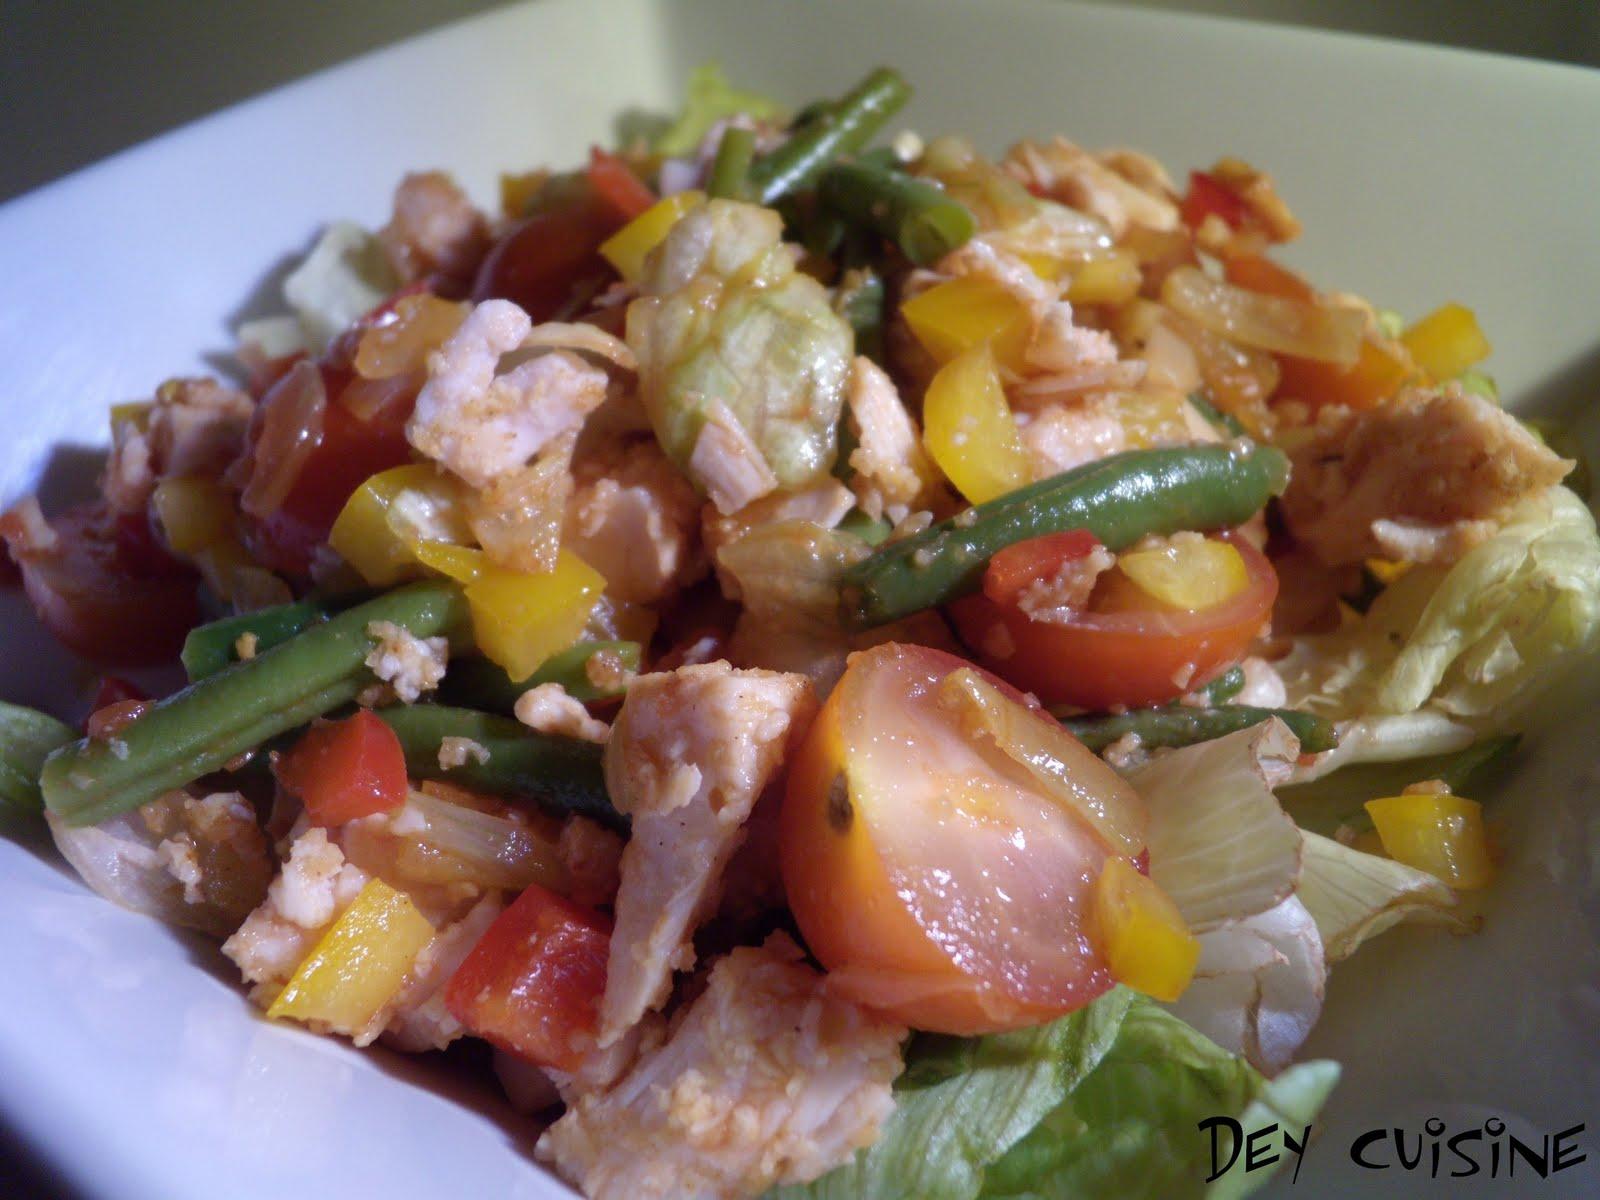 dey cuisine salade chaude de poulet aux anchois sans anchois